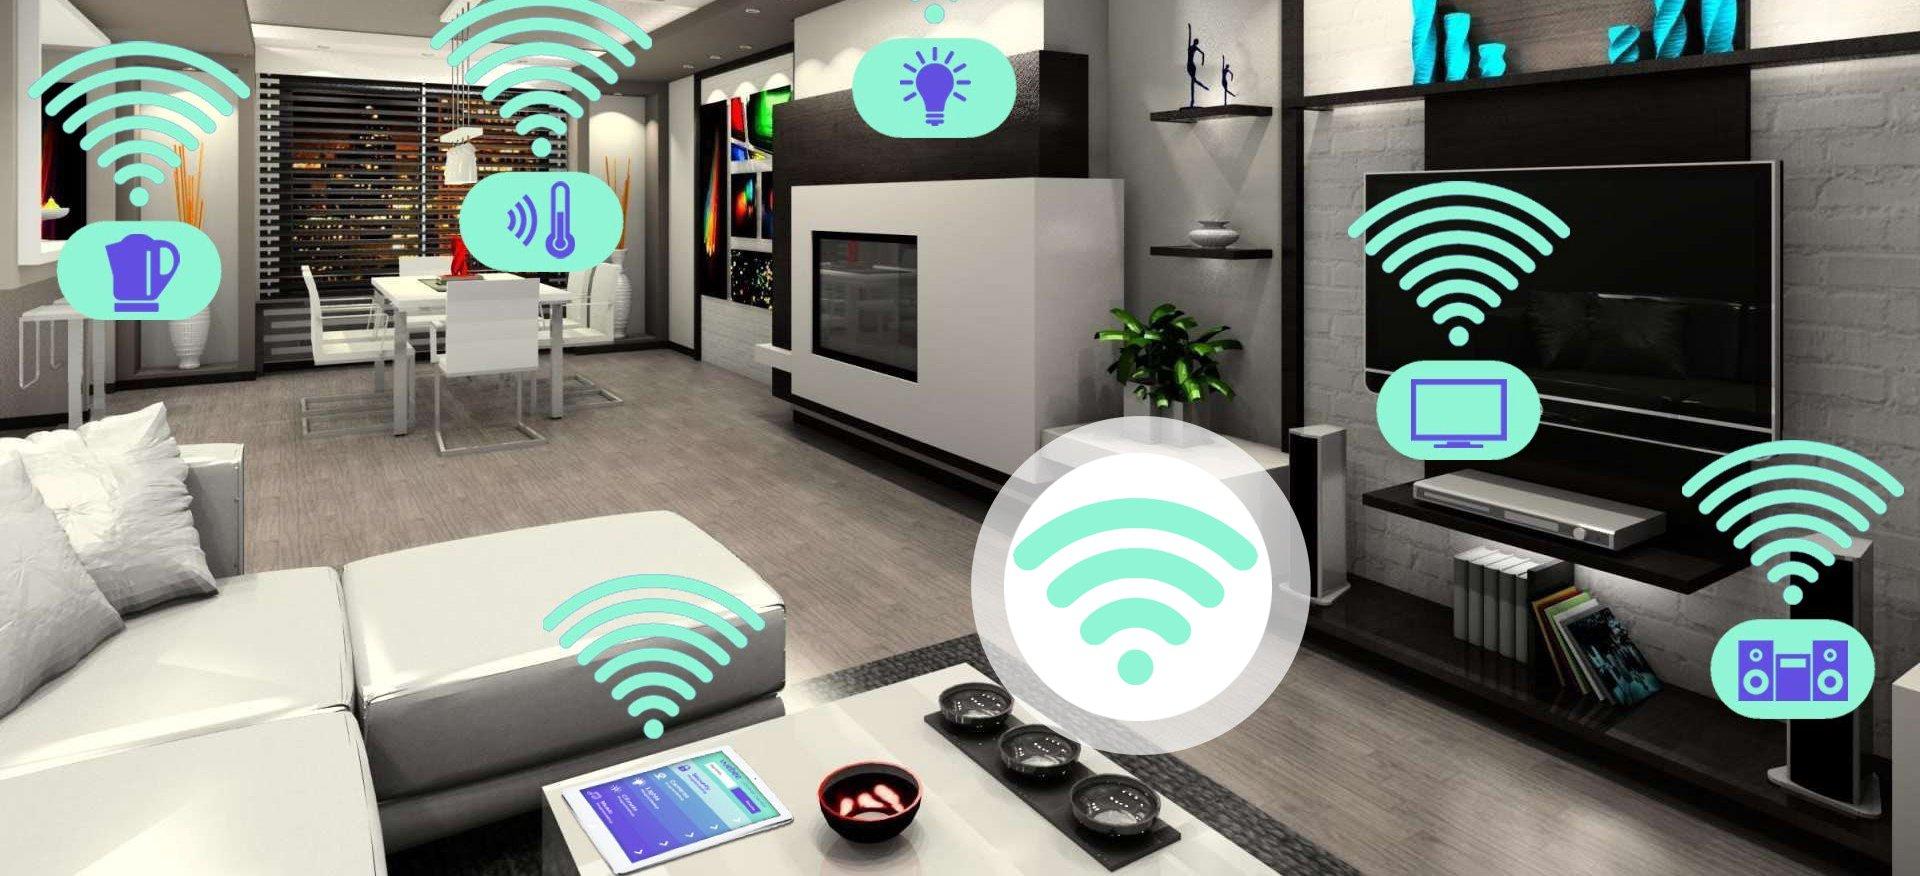 Mesh Wi-Fi là gì? Ưu và nhược điểm - 8